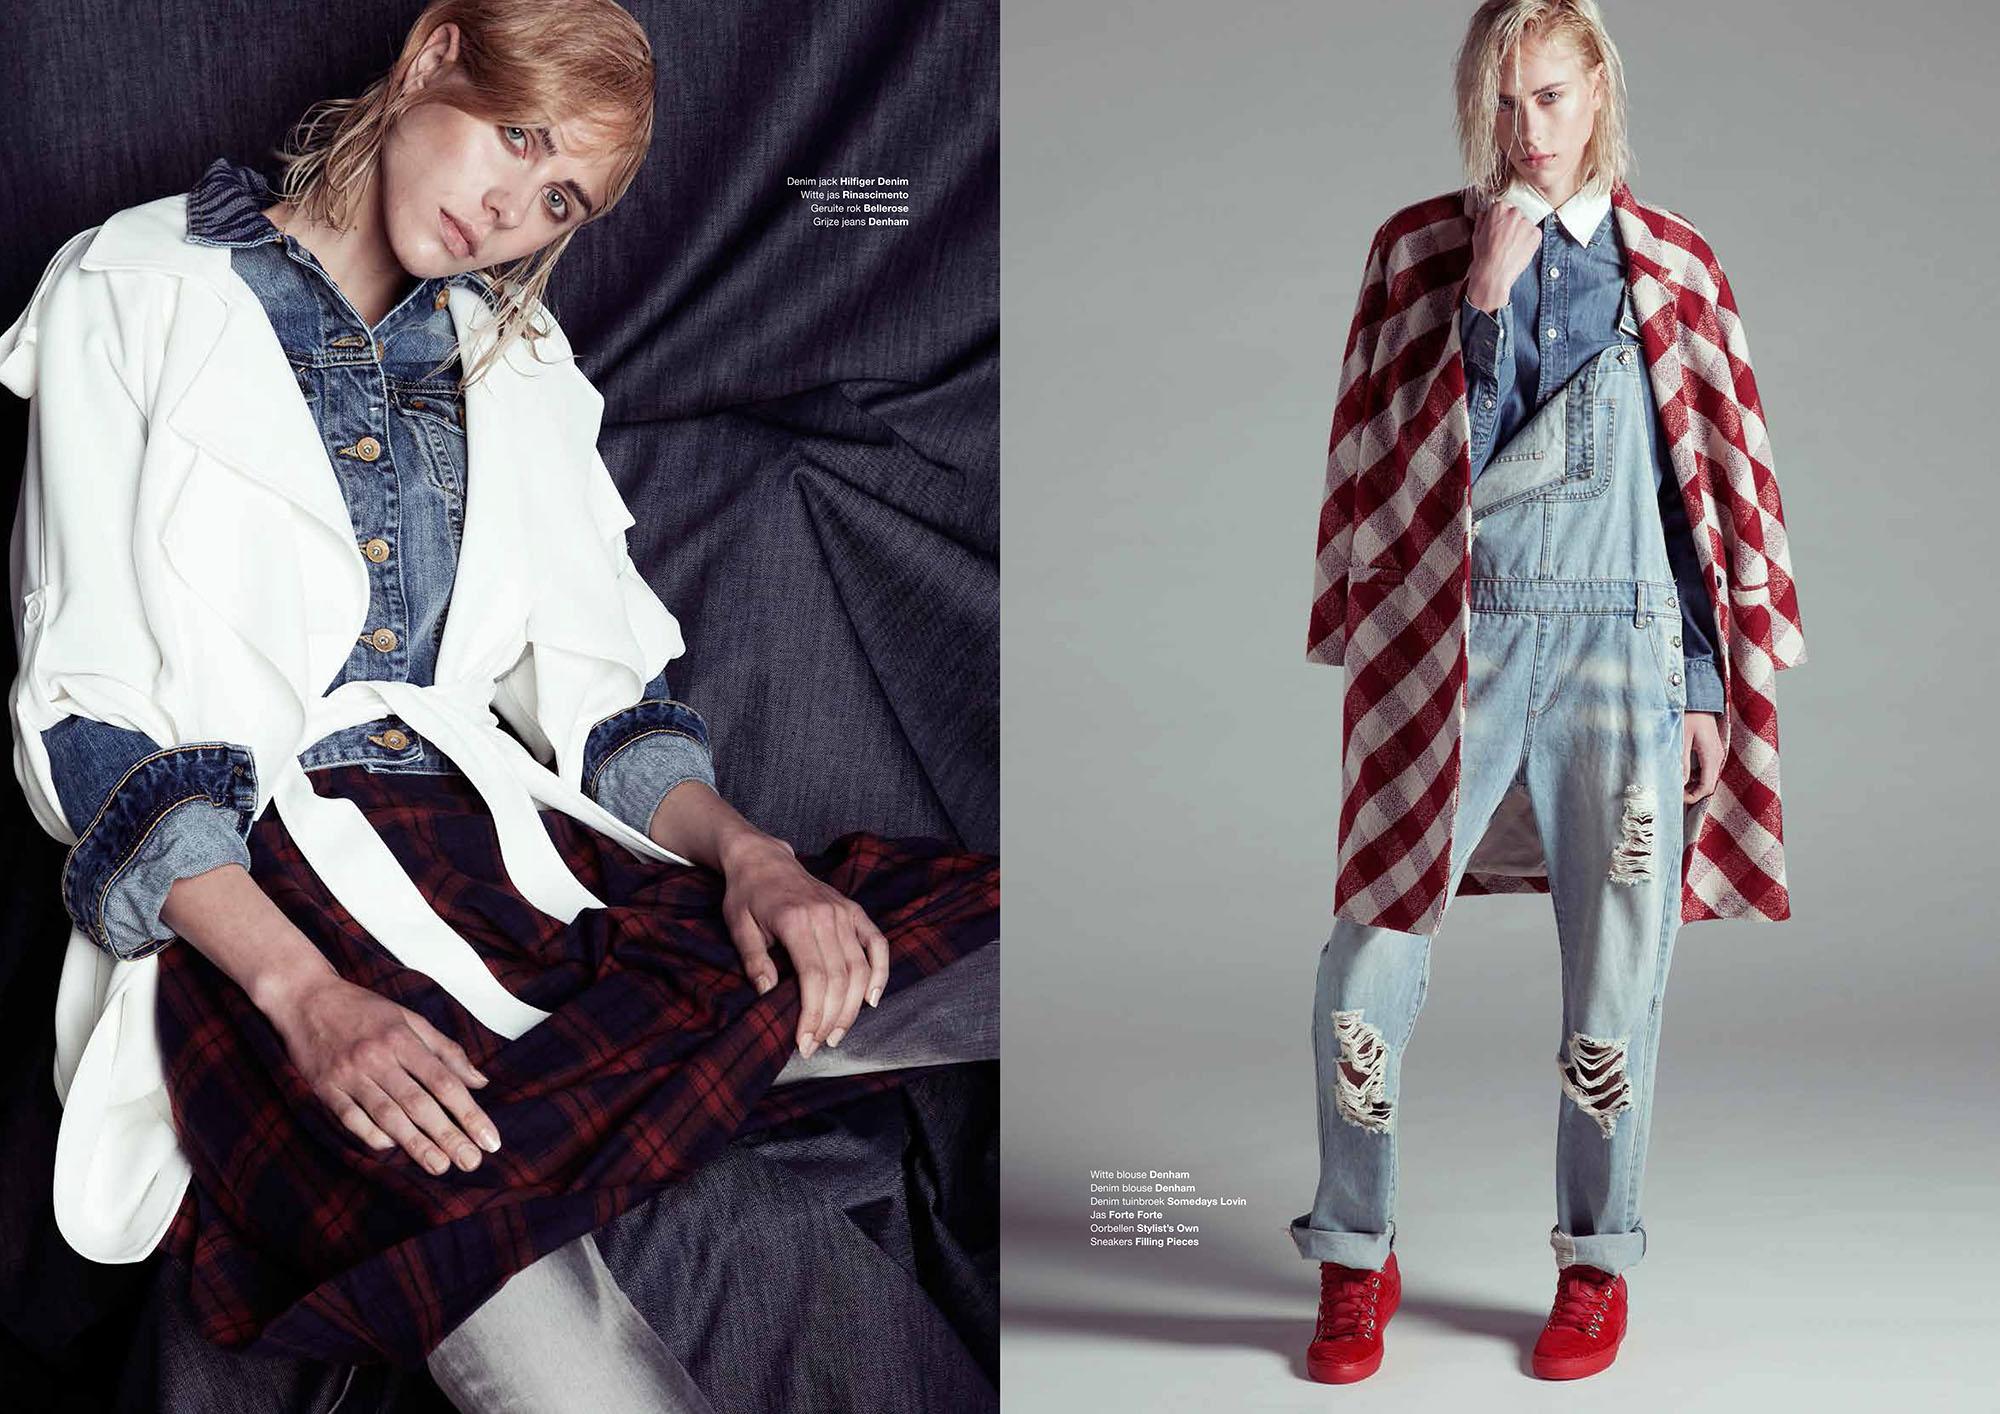 Interview with Dutch top fashion stylist Ashley Veraart